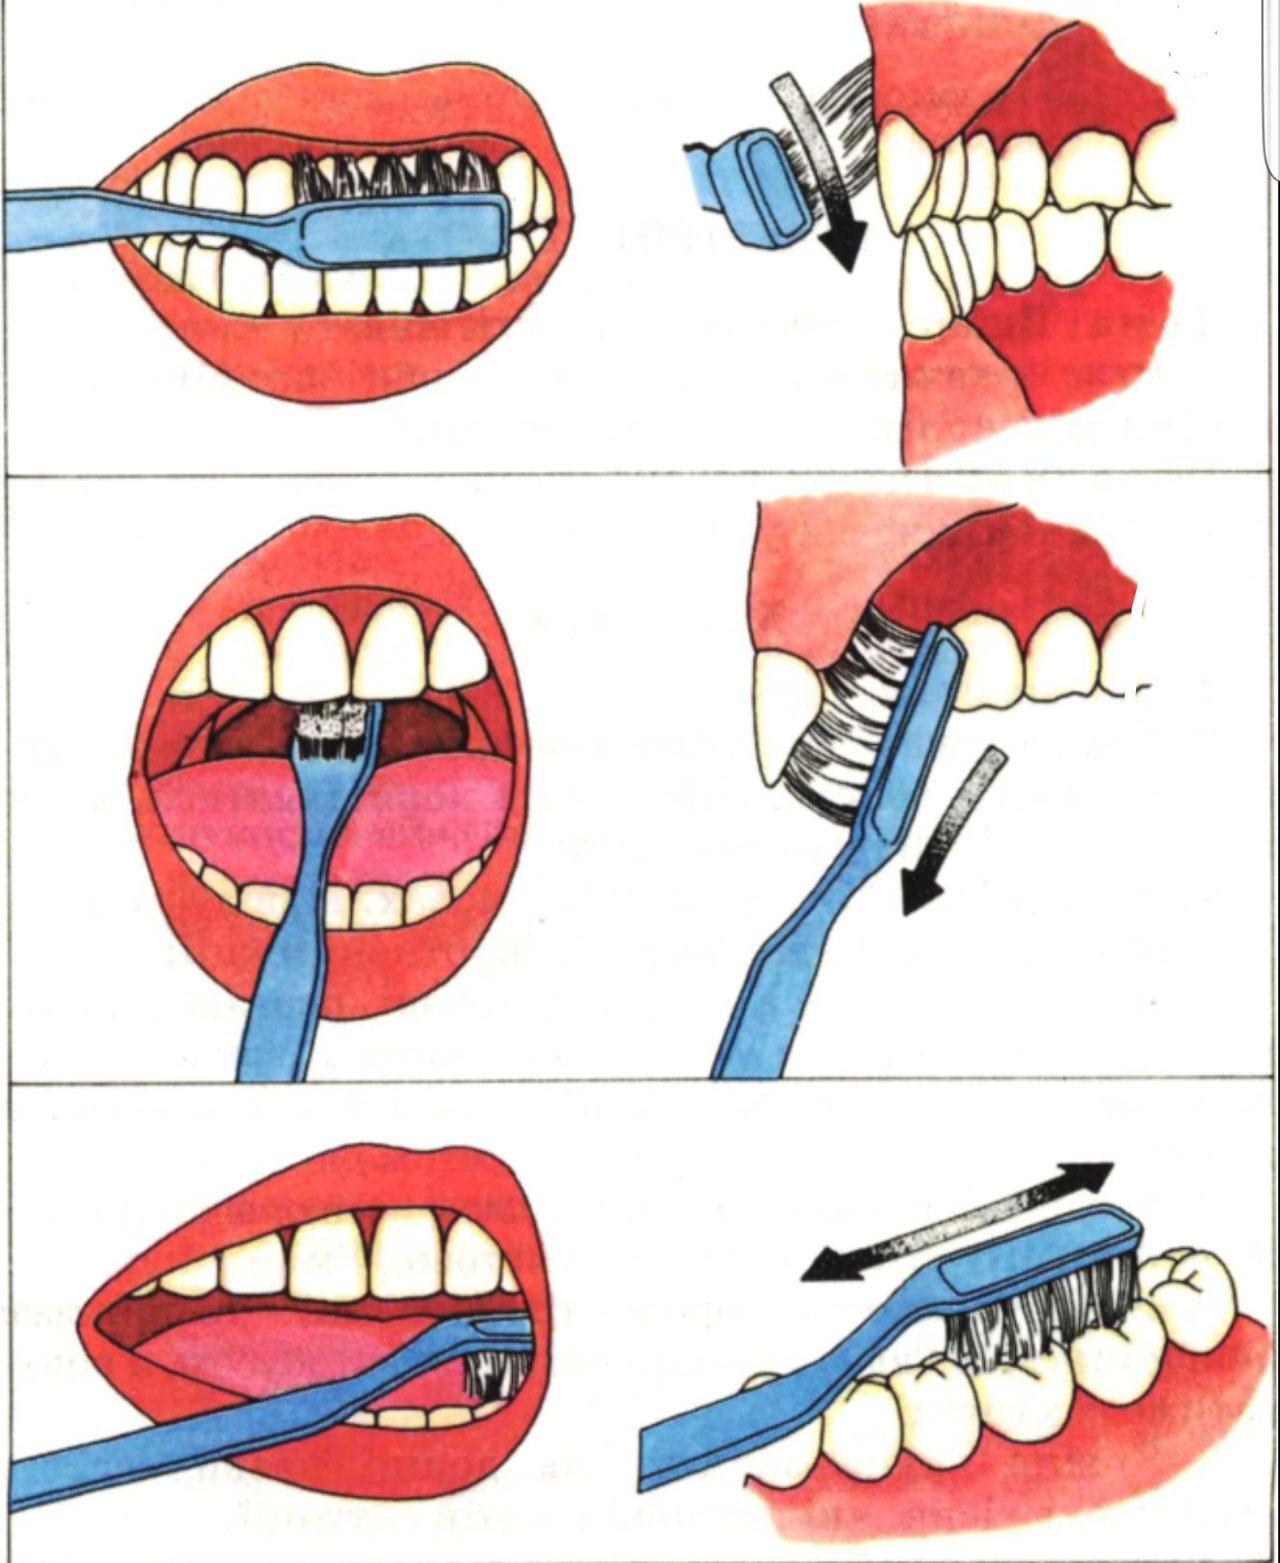 Картинка появление зубов у младенцев взяла